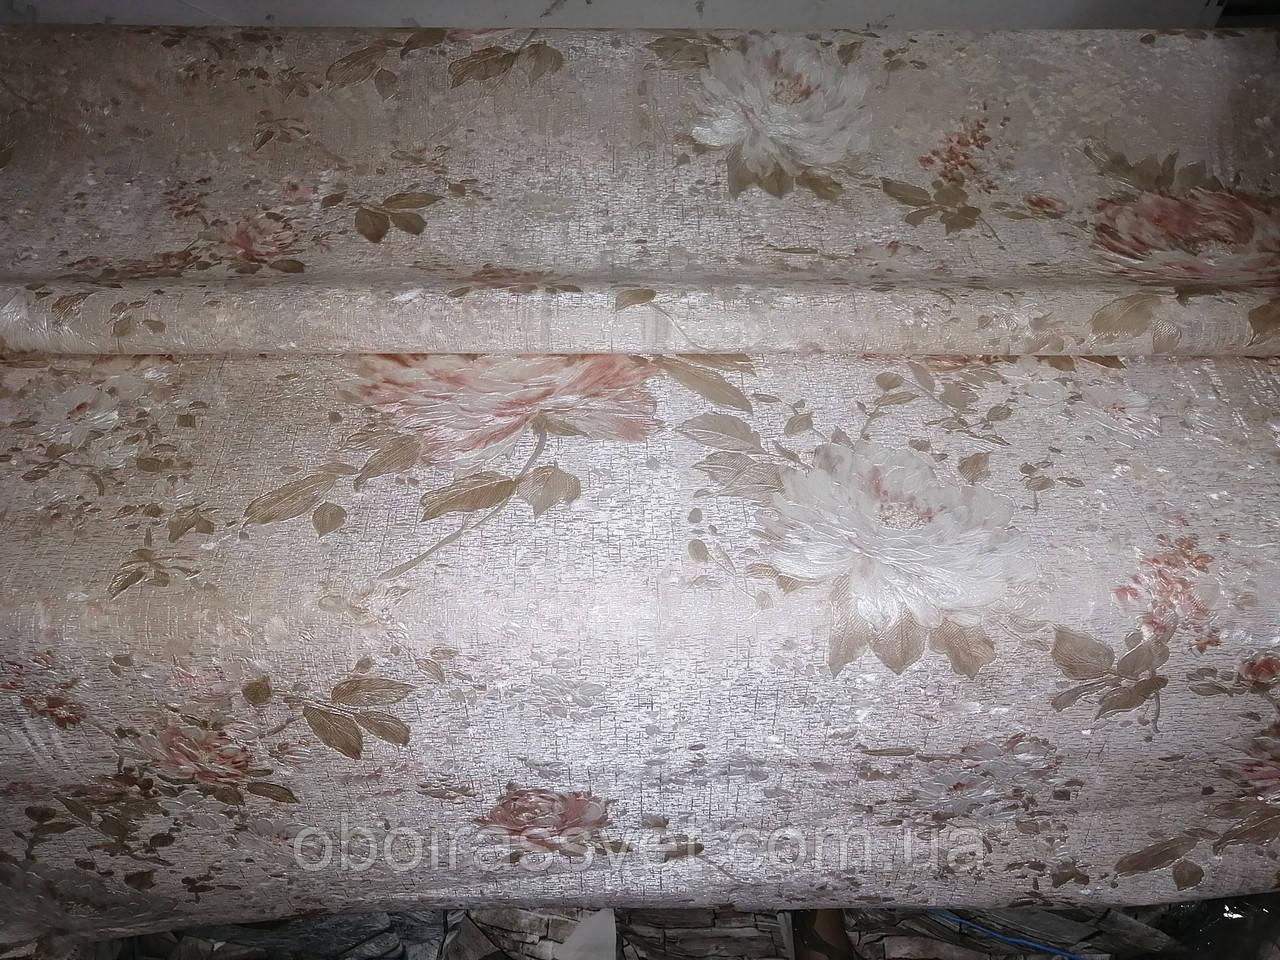 Обои Живопись 8610-01 винил горячего тиснения на флизелине,длина 15 м,ширина 1.06 = 5 полос по 3 м каждая